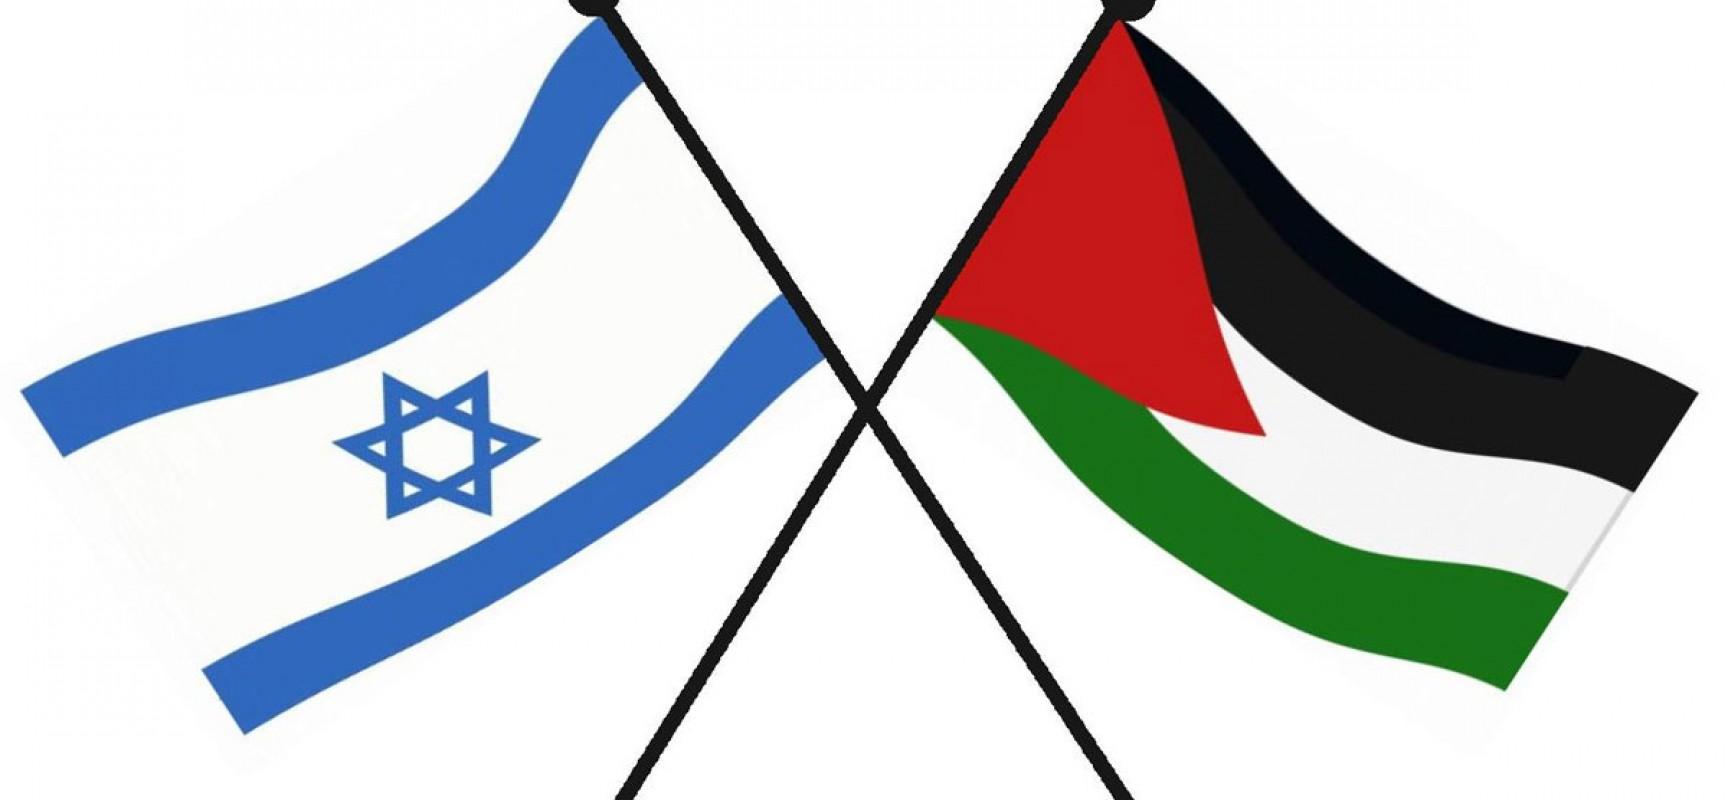 Il centro-sinistra biscegliese chiede che il consiglio comunale discuta dell'azione militare isrealiana in Palestina